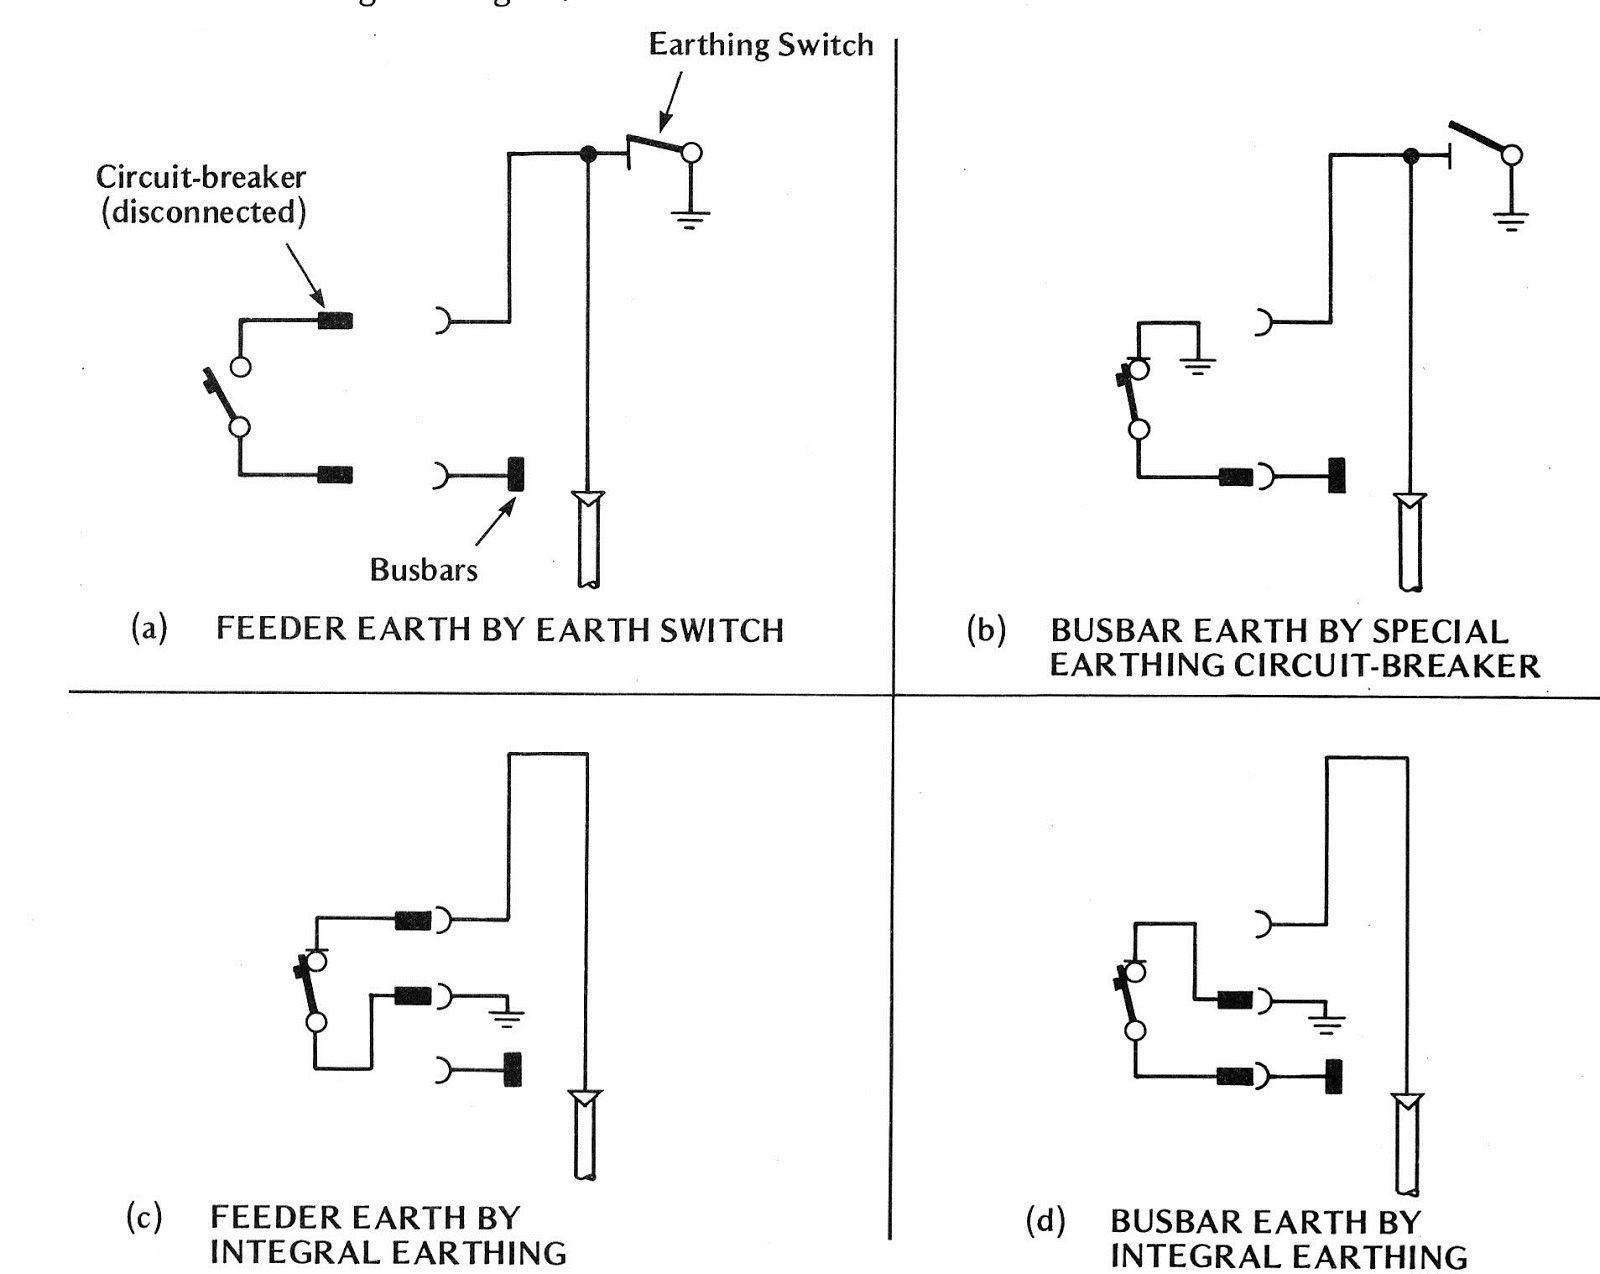 Elegant Wiring Diagram Symbols Fuse Diagrams Digramssample